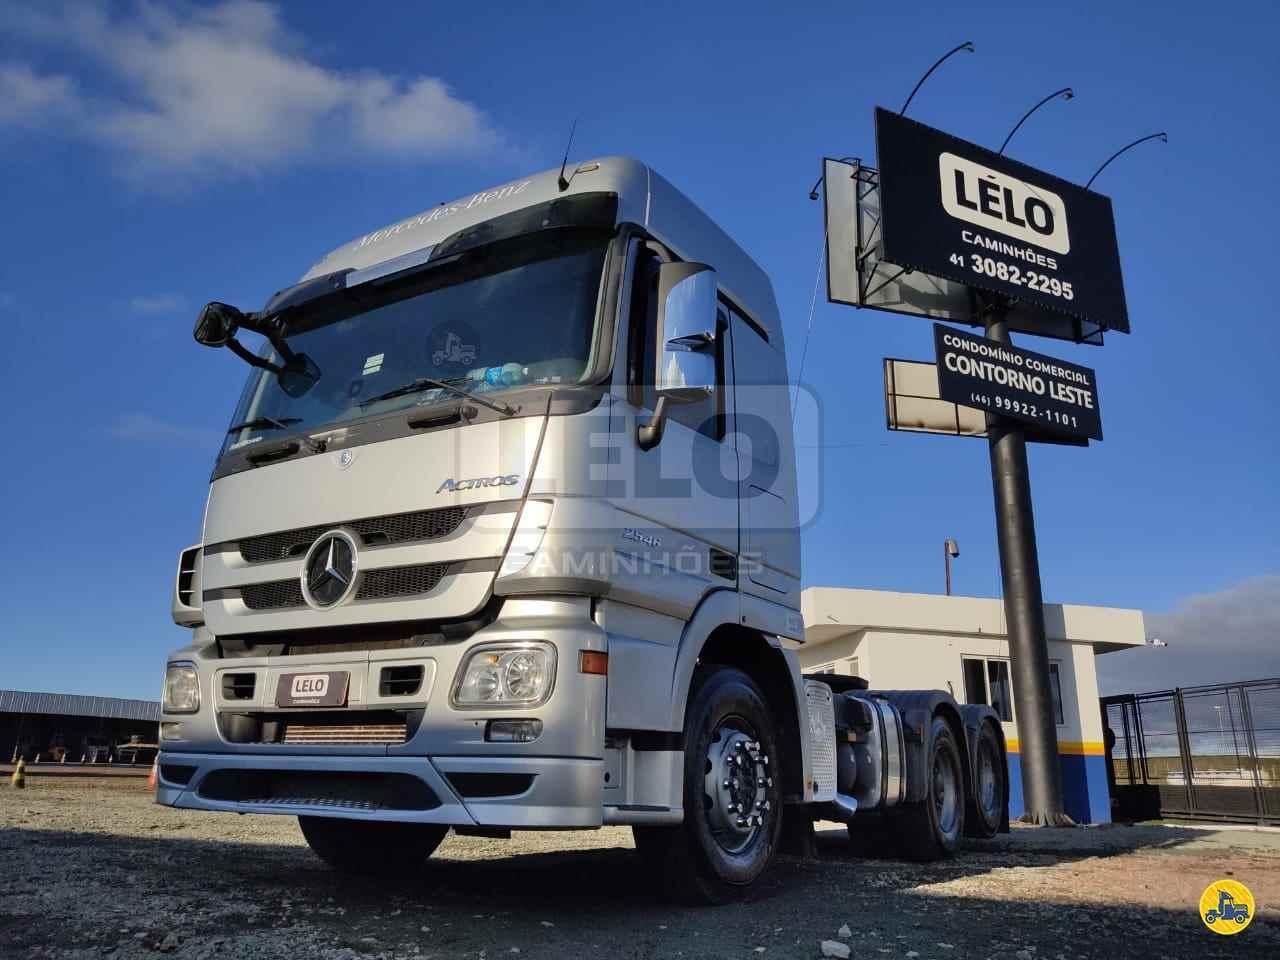 CAMINHAO MERCEDES-BENZ MB 2546 Cavalo Mecânico Truck 6x2 Lelo Caminhões CURITIBA PARANÁ PR